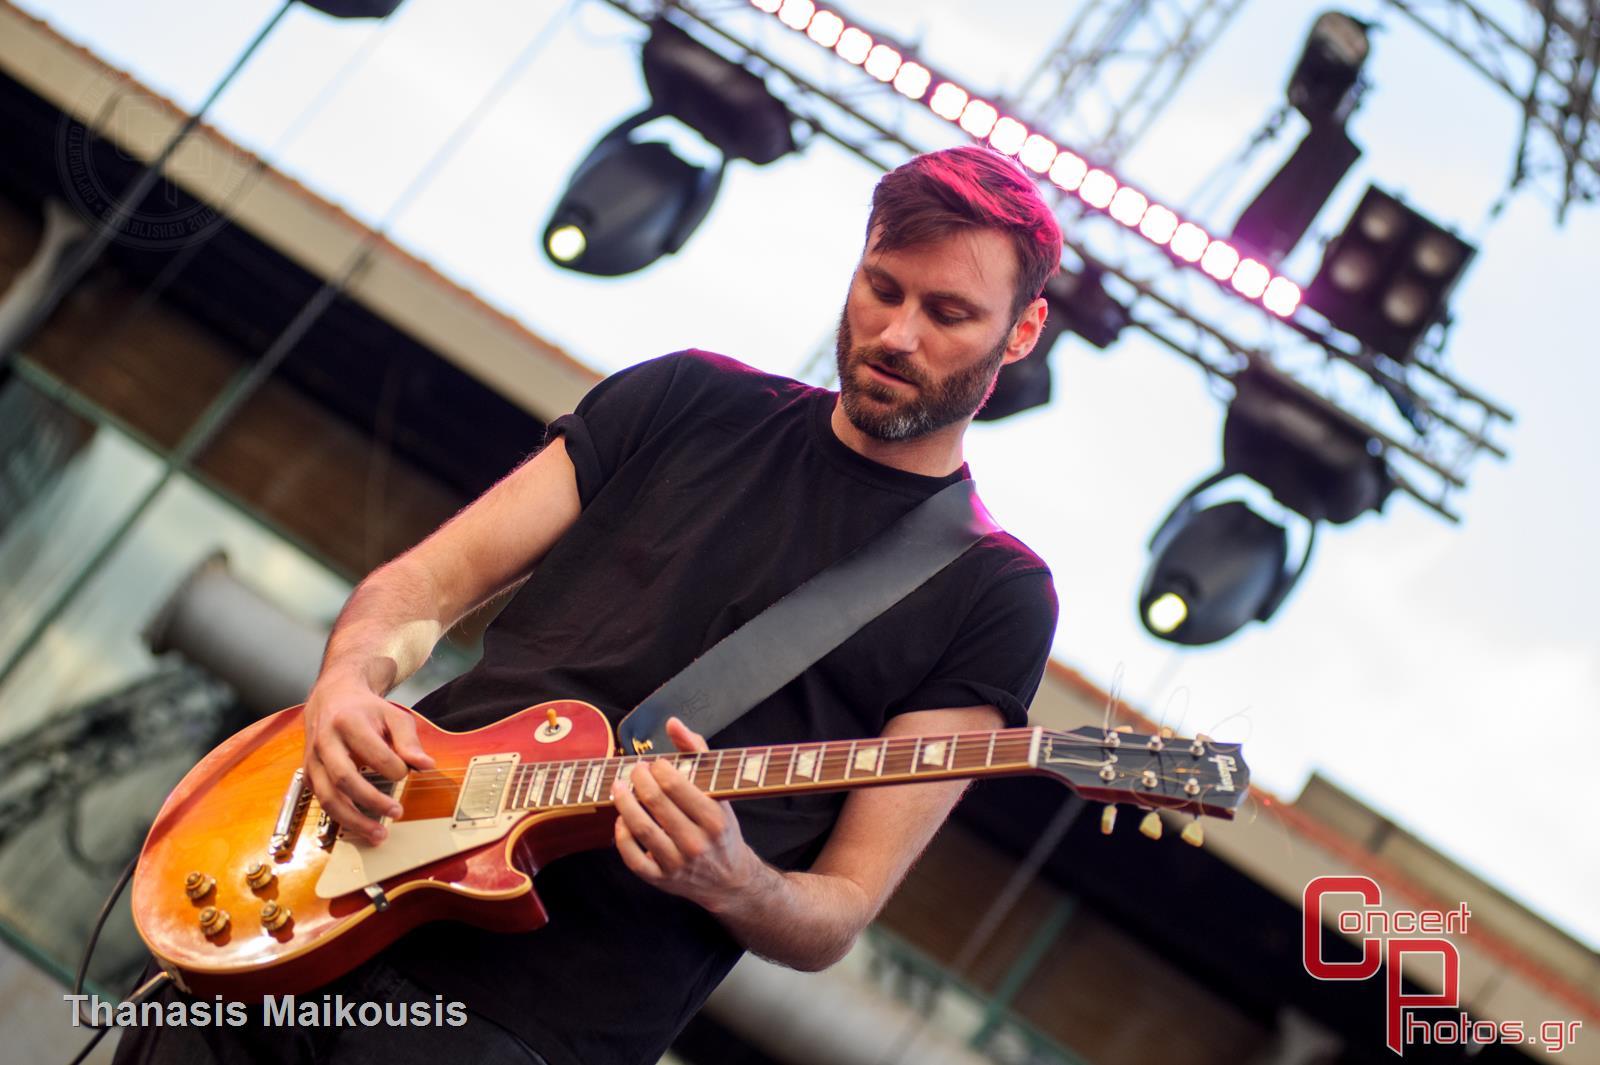 En Lefko 2014-En Lefko 2014 photographer: Thanasis Maikousis - concertphotos_20140620_19_32_41